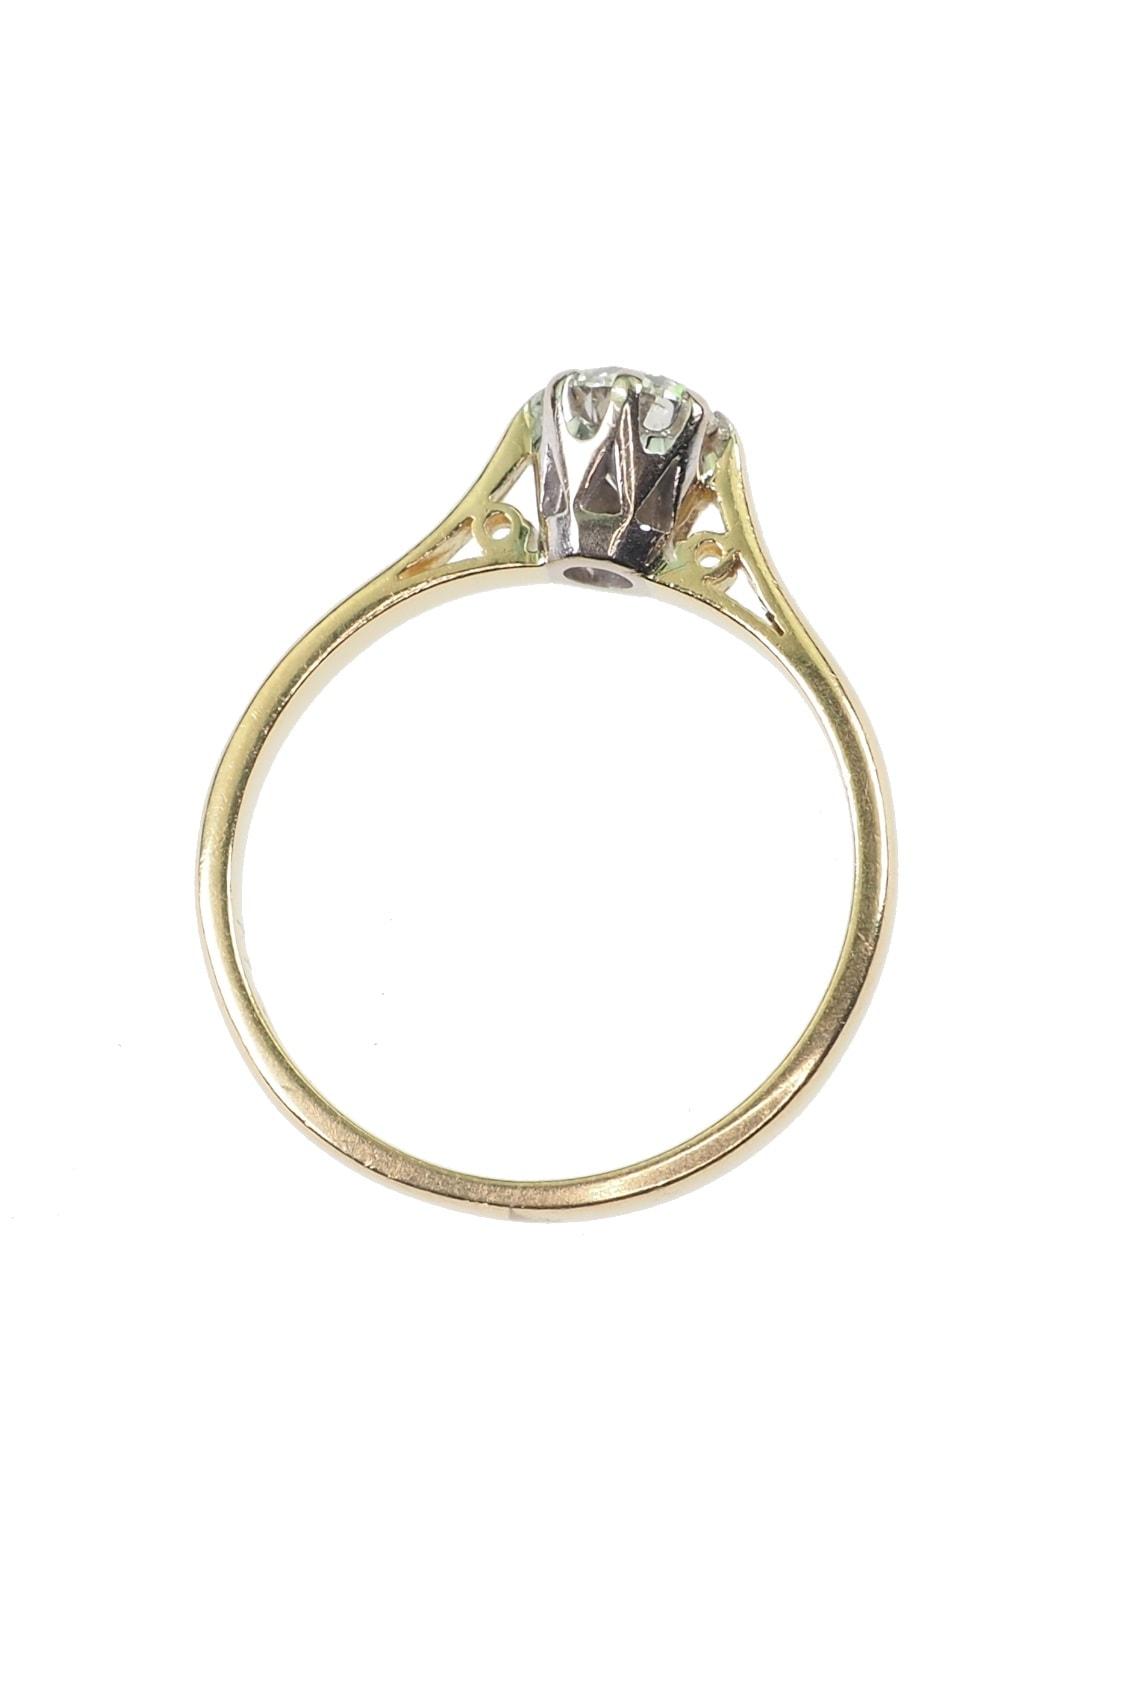 Verlobungsringe-online-kaufen-0107c